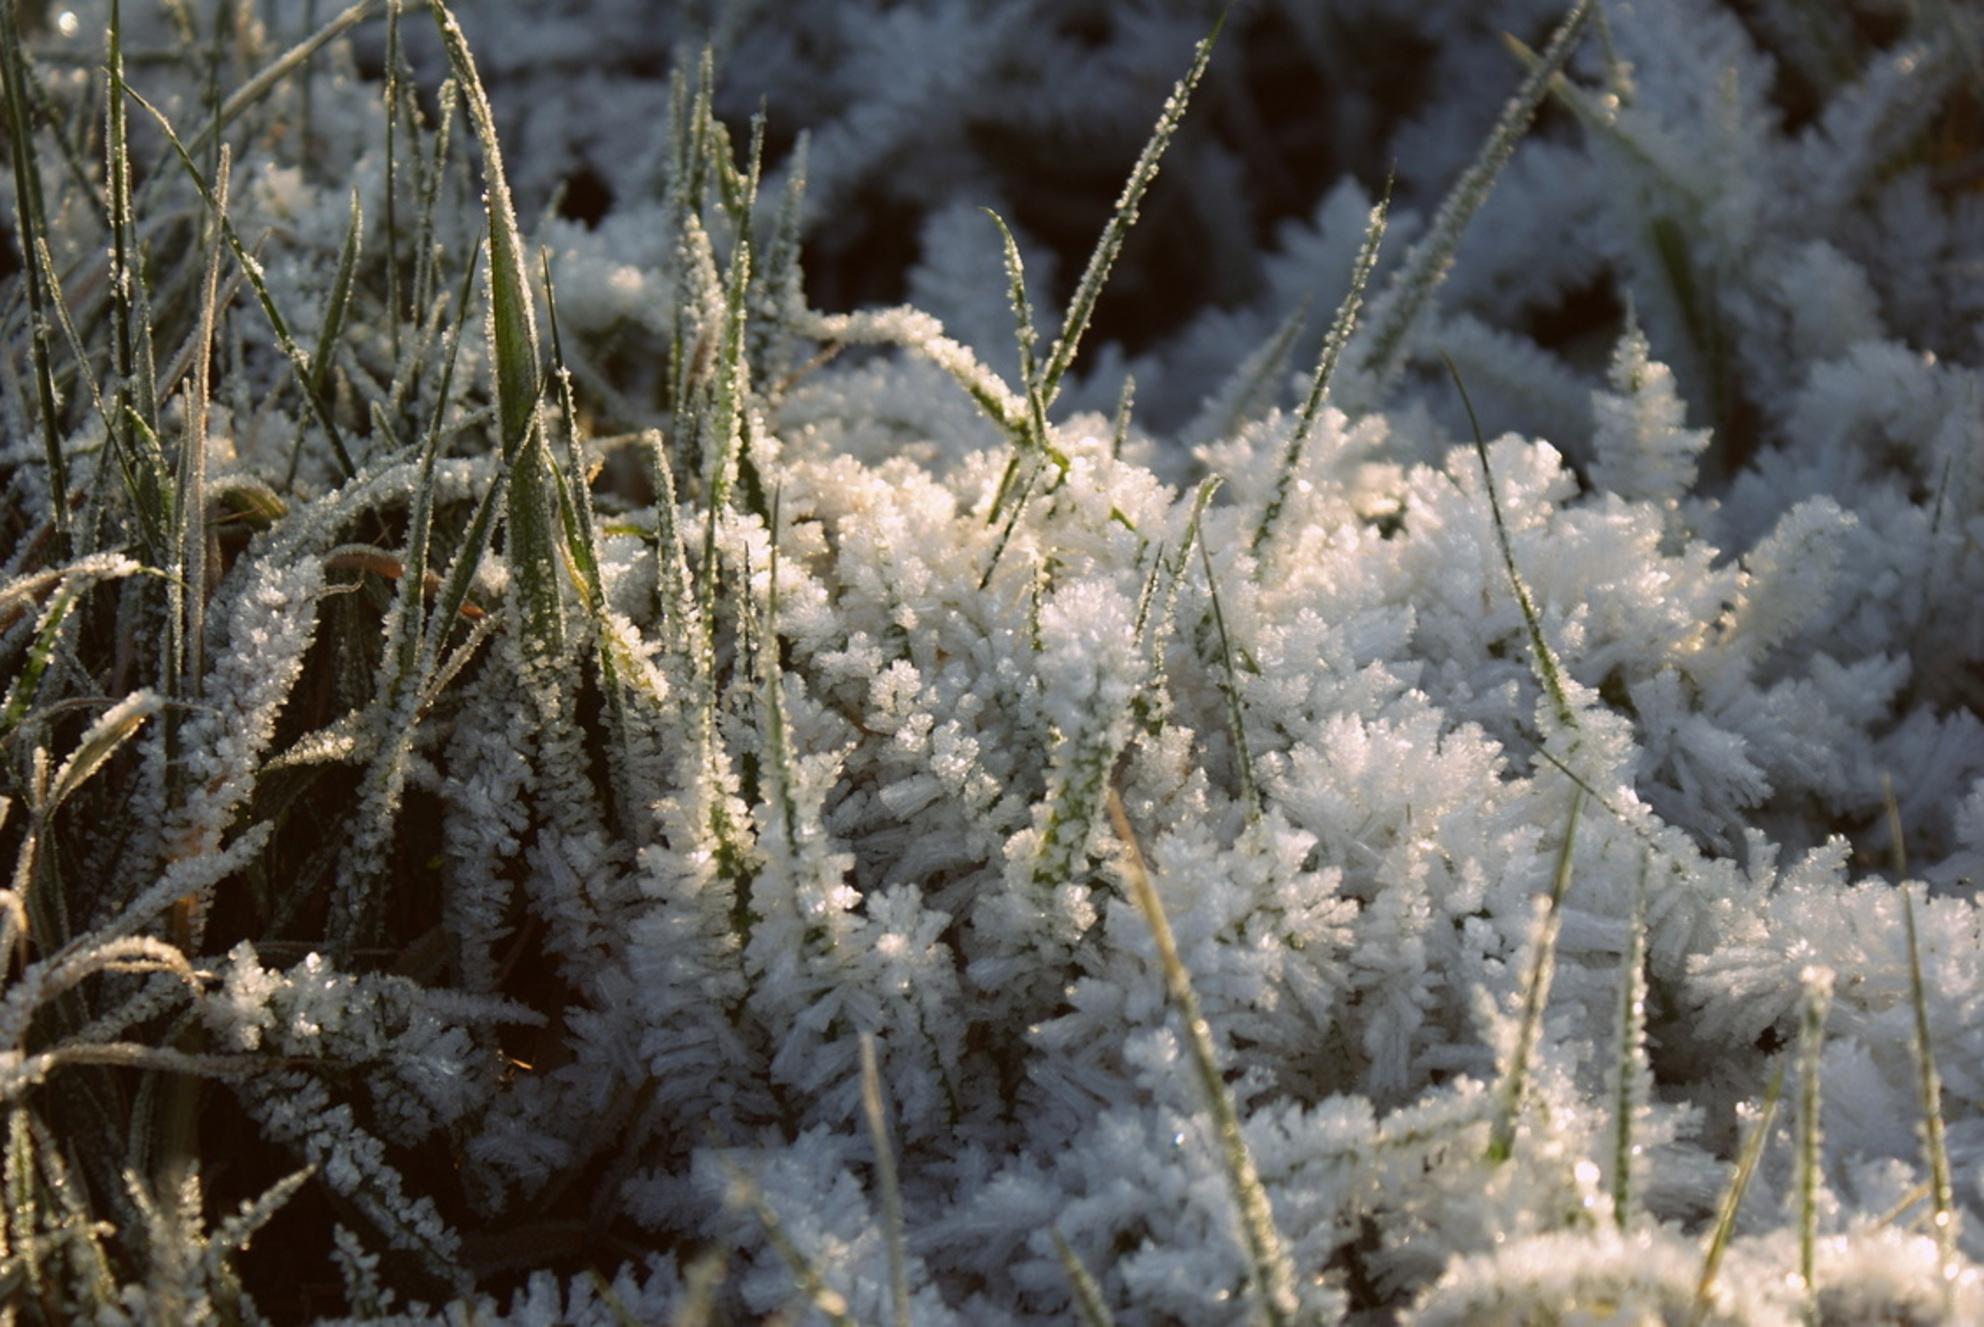 Frozen - Bevroren gras in een weiland - foto door fransreede op 16-10-2012 - deze foto bevat: winter, vorst, kou, weiland